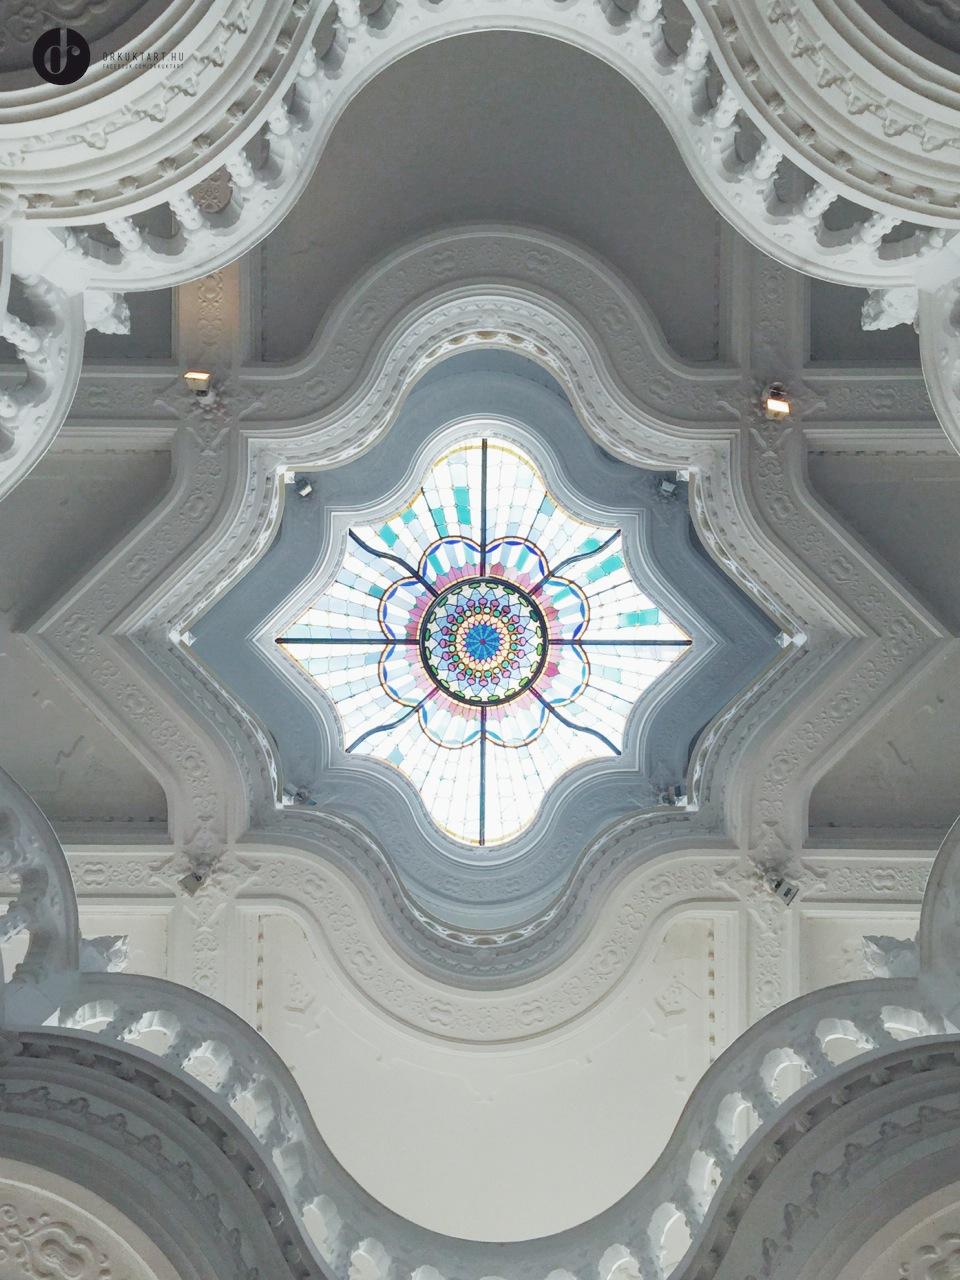 drkuktart_iparmuveszetimuzeum_museumofappliedarts06.jpg